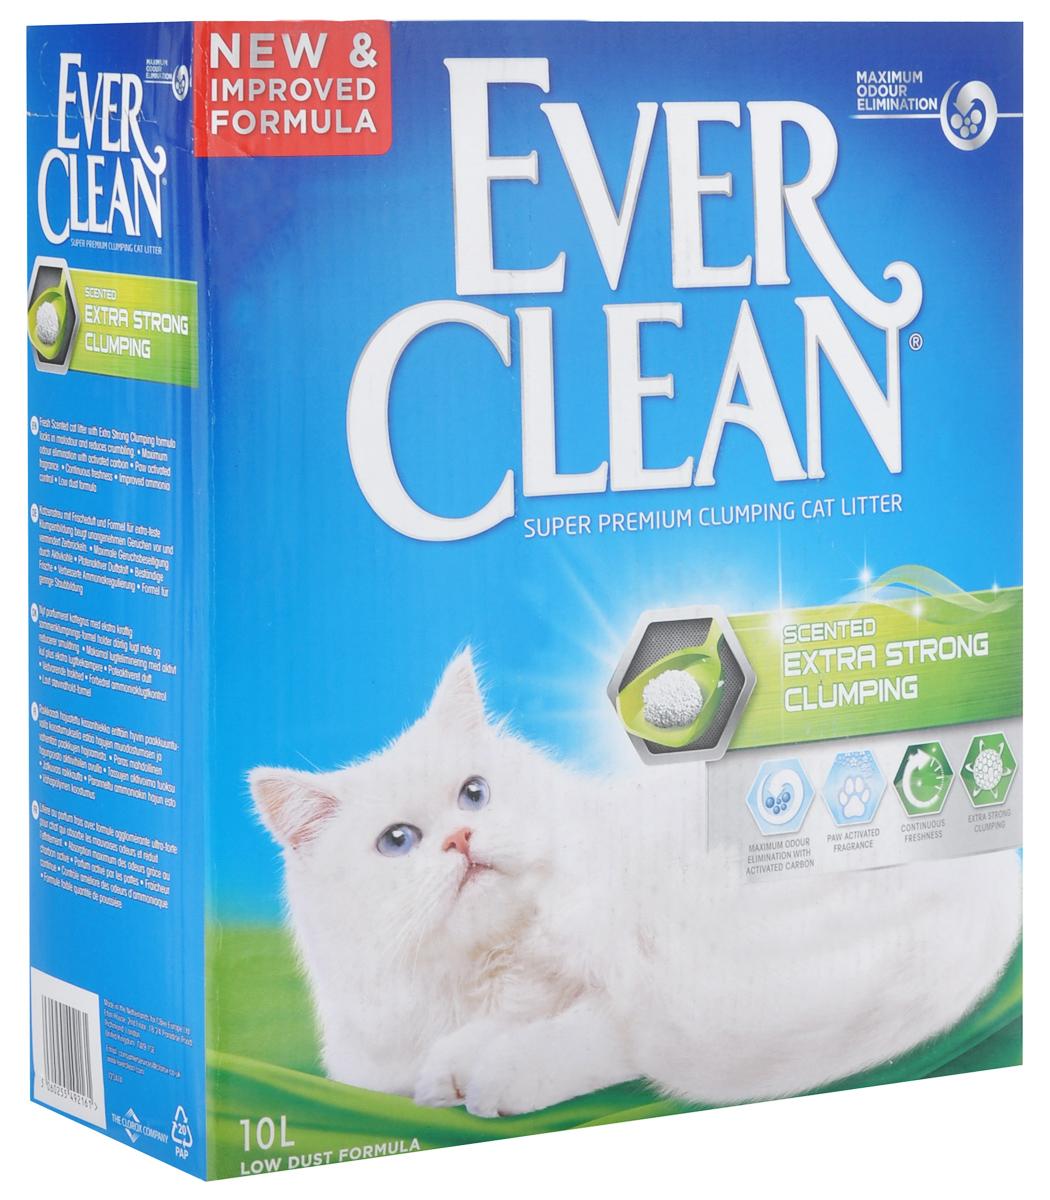 """Наполнитель для кошачьего туалета Ever Clean """"Extra Strong Clumping Scented"""", комкующийся, с ароматизатором, 10 л 59656"""